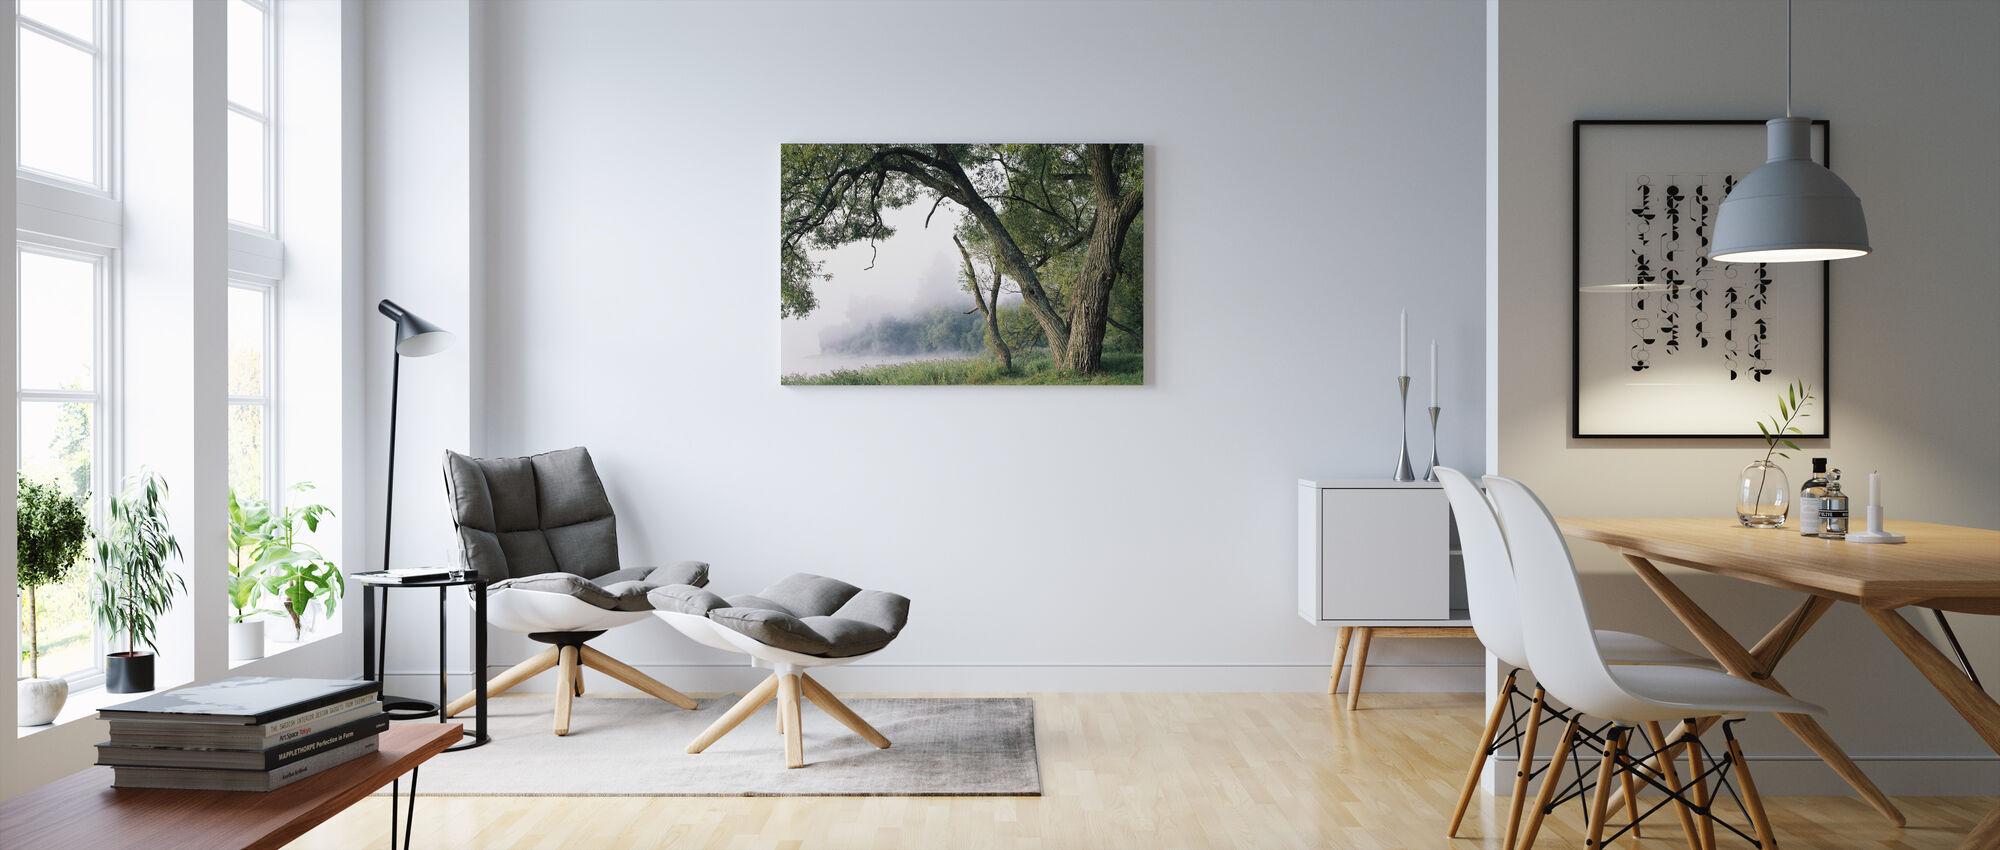 Puu sumussa - Canvastaulu - Olohuone